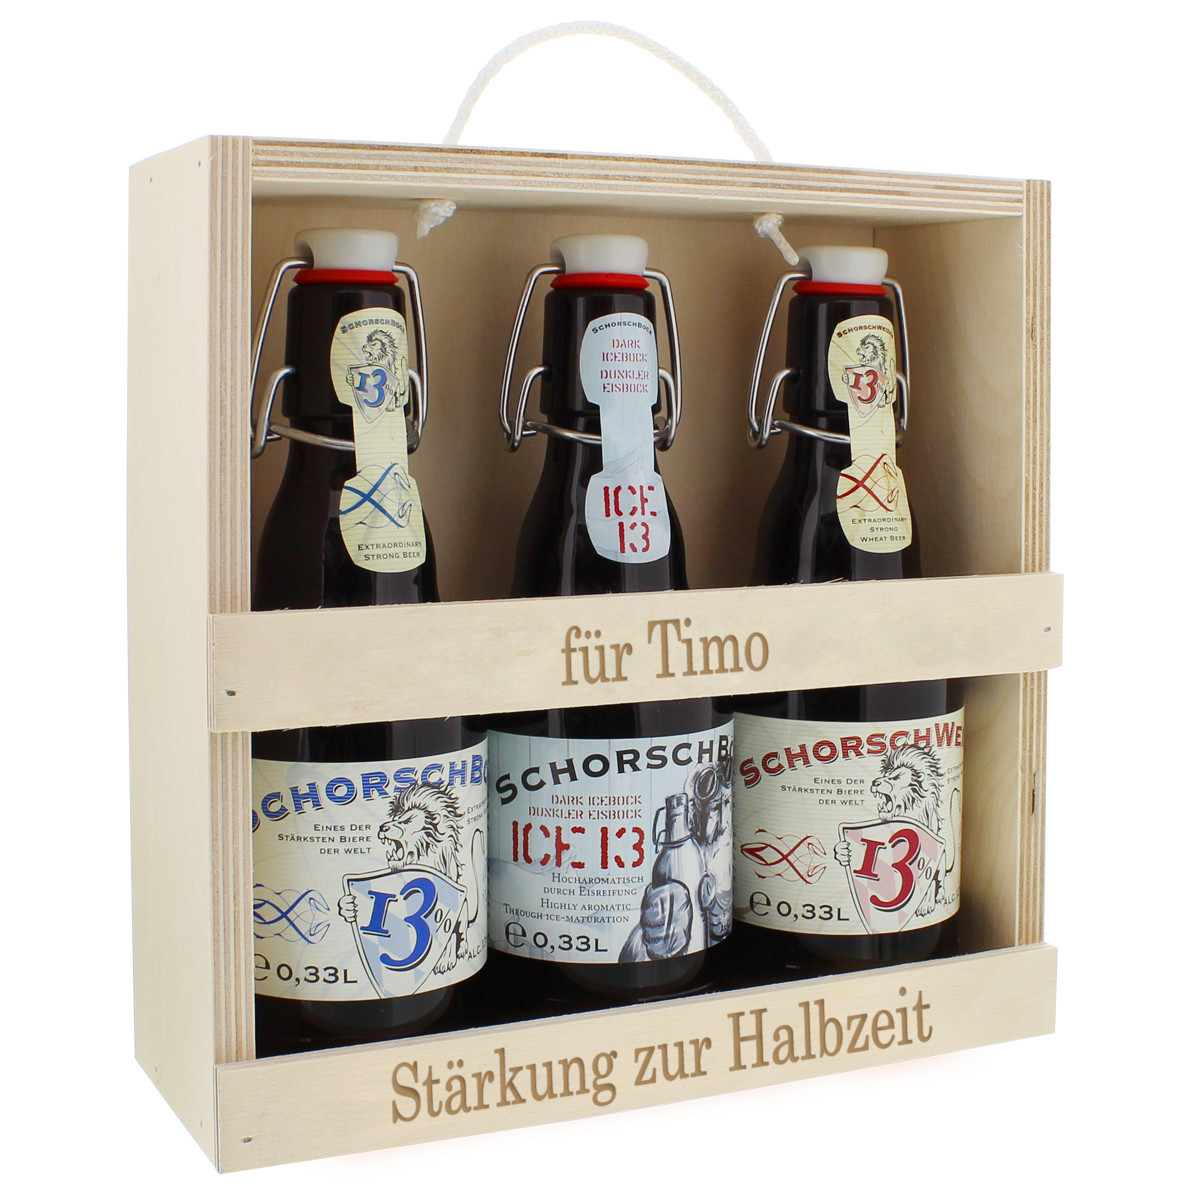 Weihnachtsgeschenke für den Vater | geschenkidee.ch